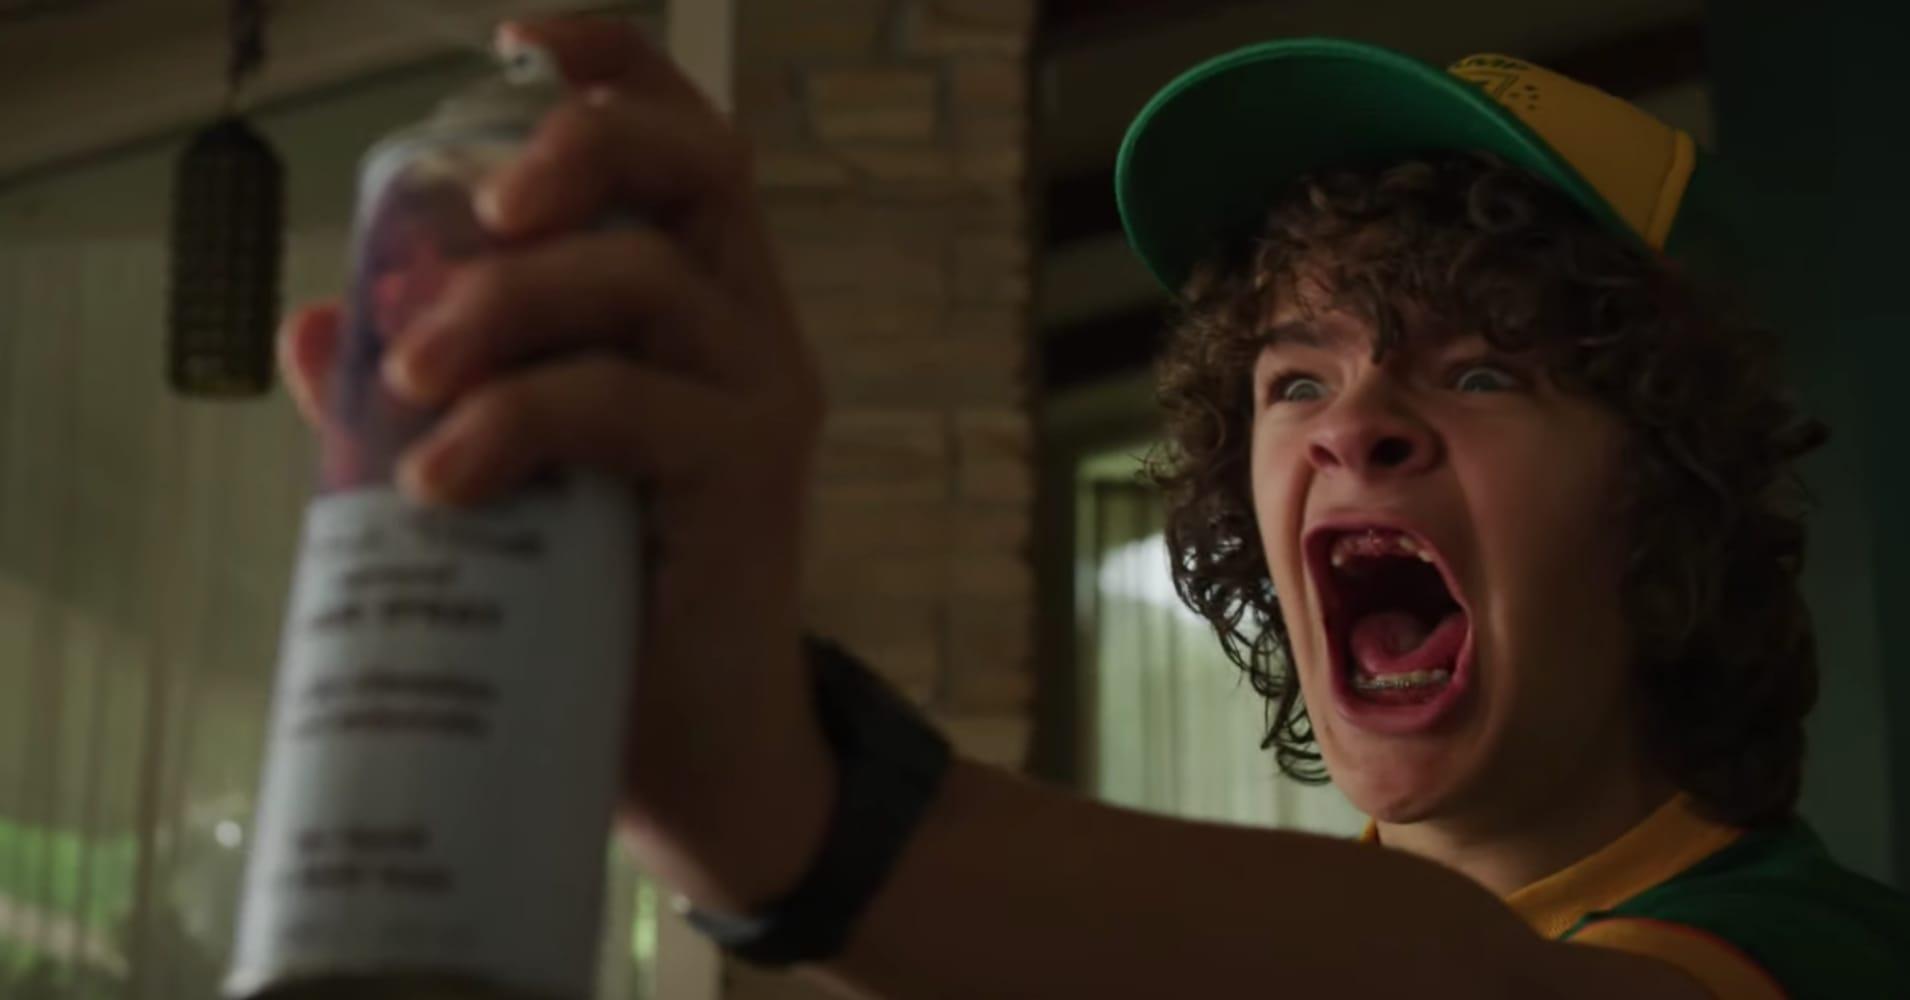 Netflix drops 'Stranger Things' season 3 trailer, teasing new monster, more '80s nostalgia